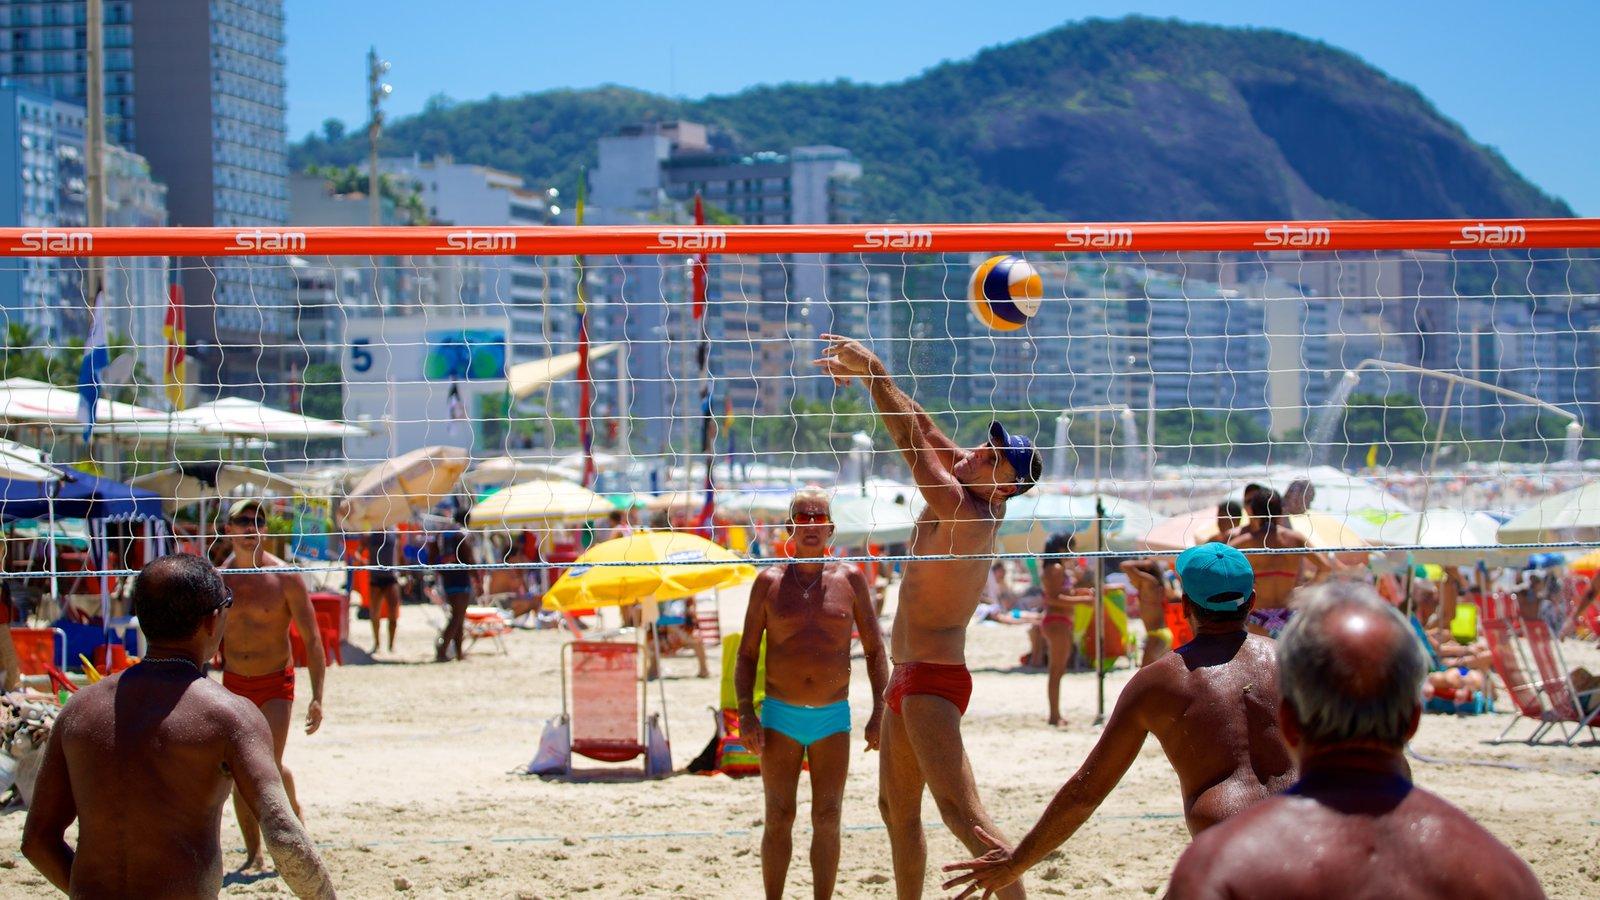 Praia de Copacabana que inclui uma praia